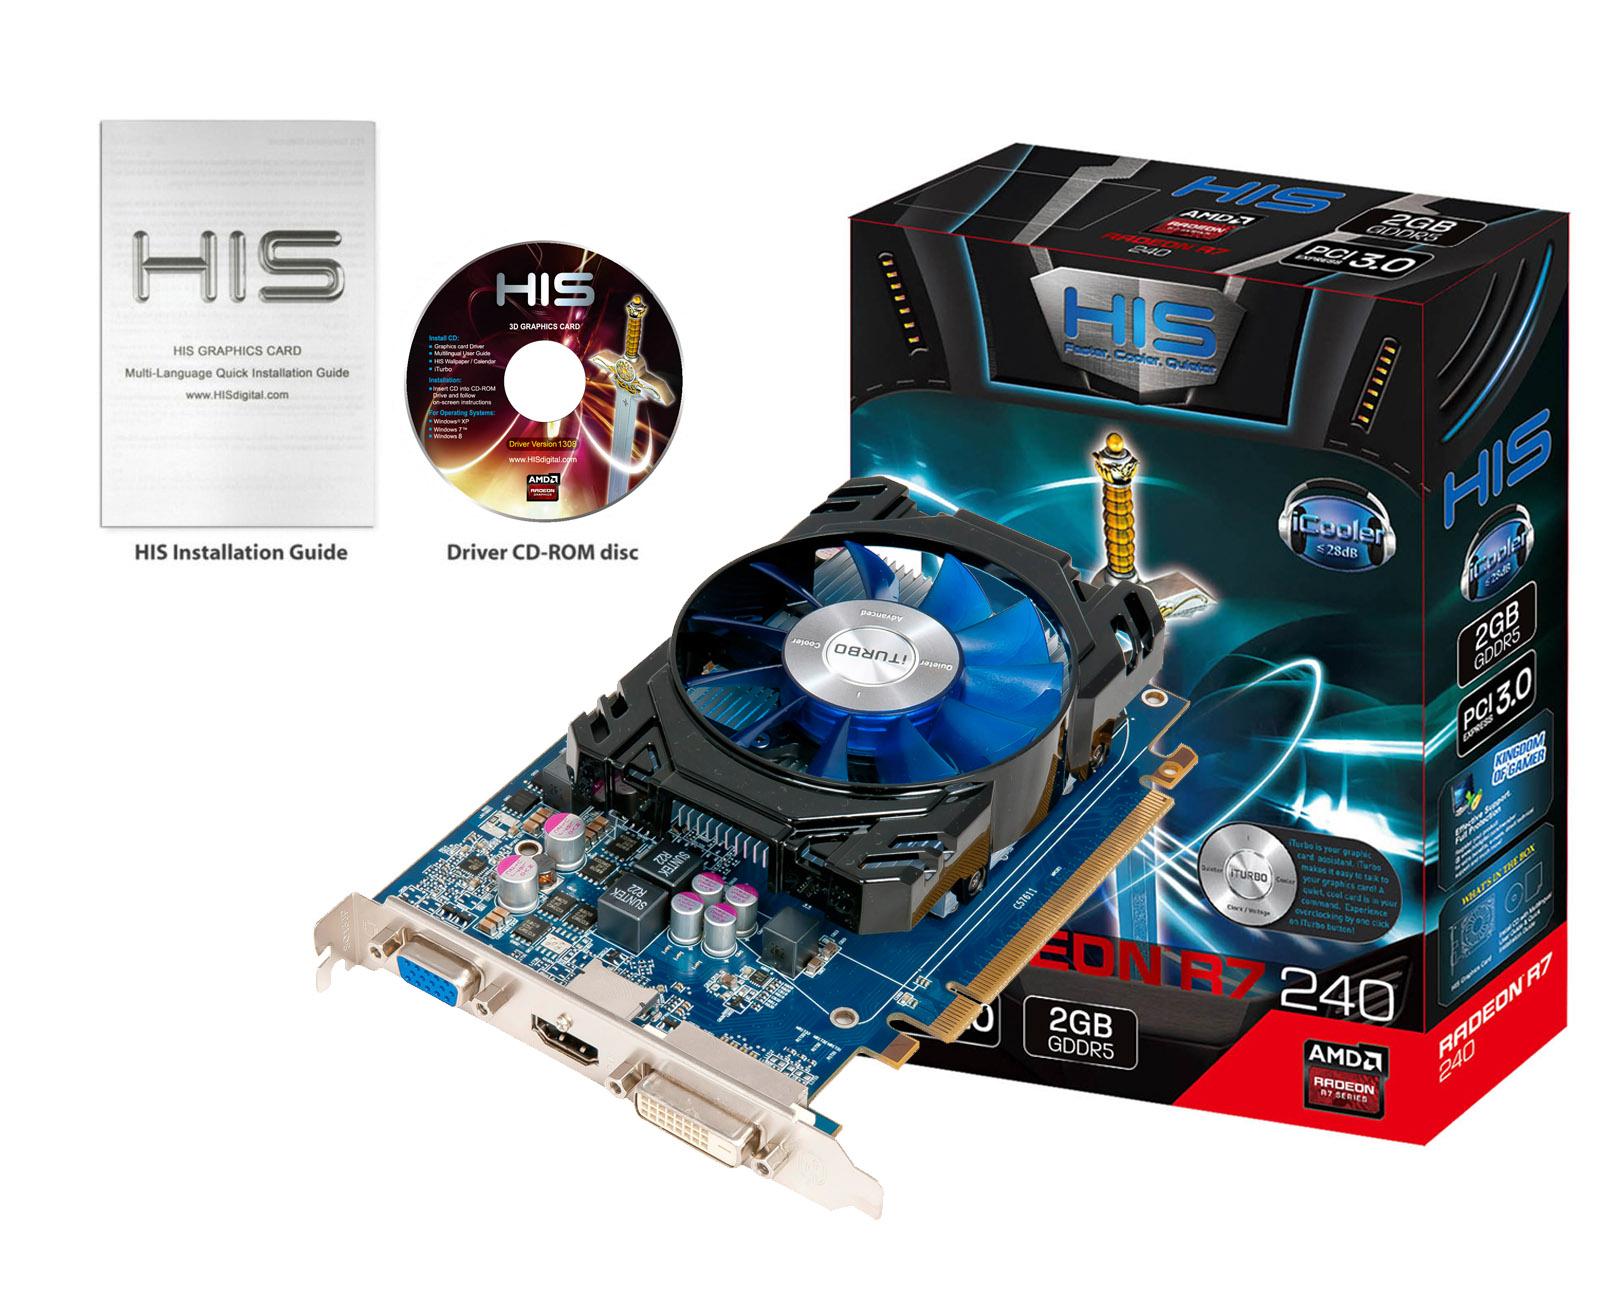 HIS R7 240 iCooler 2GB GDDR5 PCI-E HDMI/SLDVI-D/VGA < R7 240